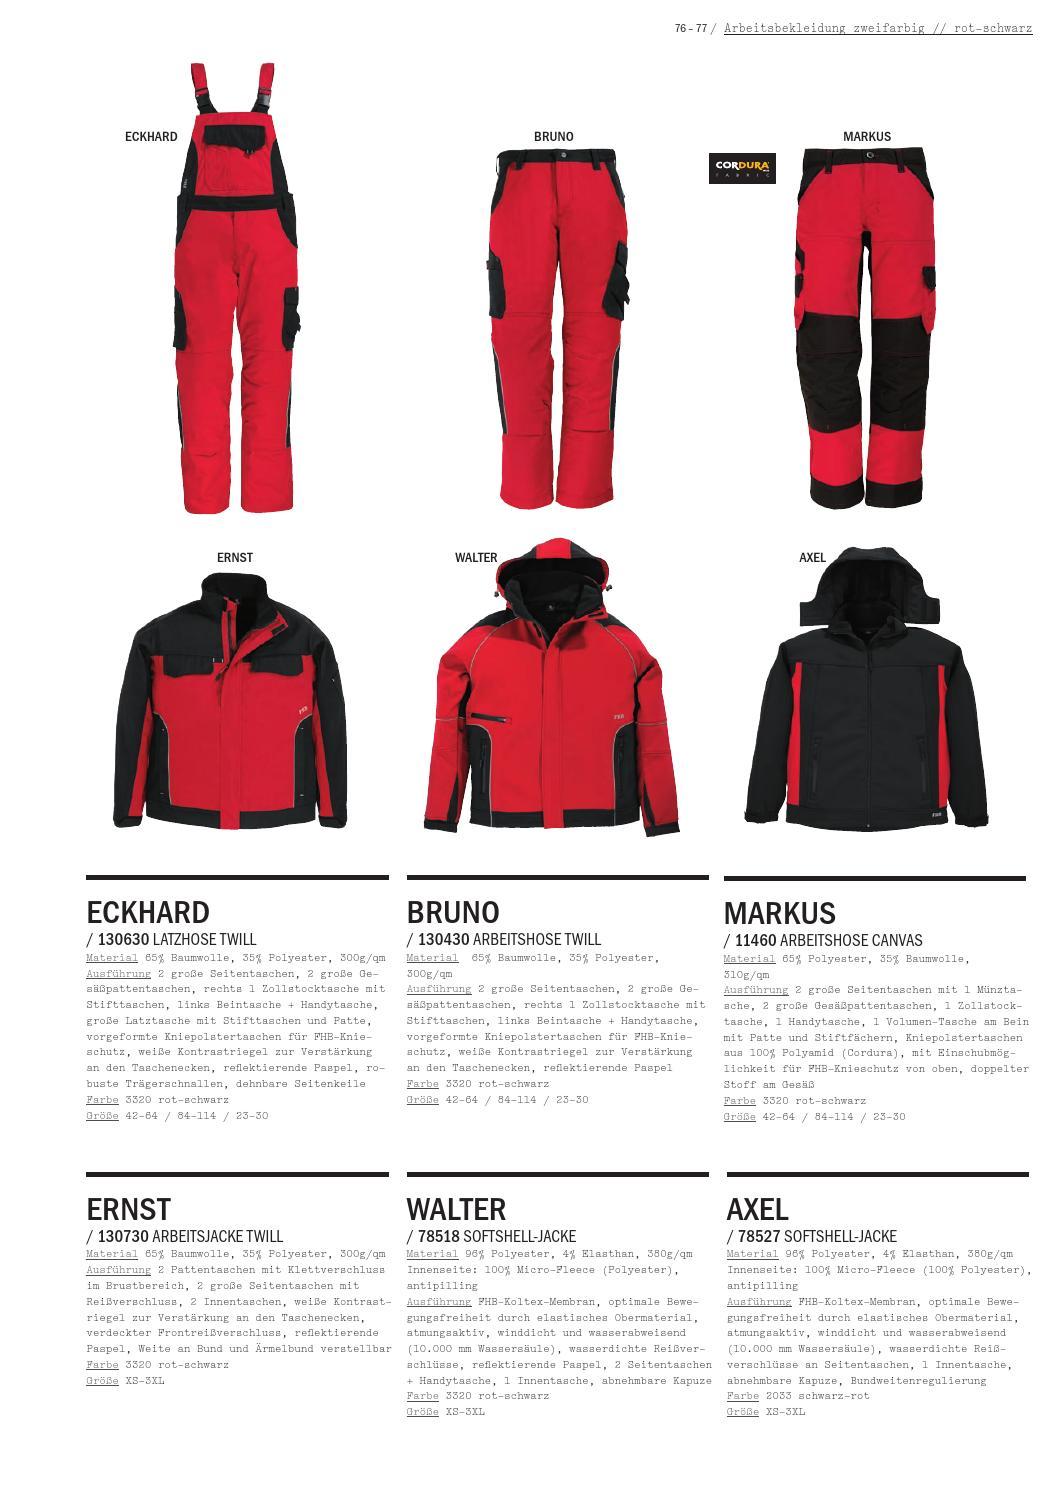 FHB Arbeitshose Canvas  MARKUS  11460 3320-rot-schwarz